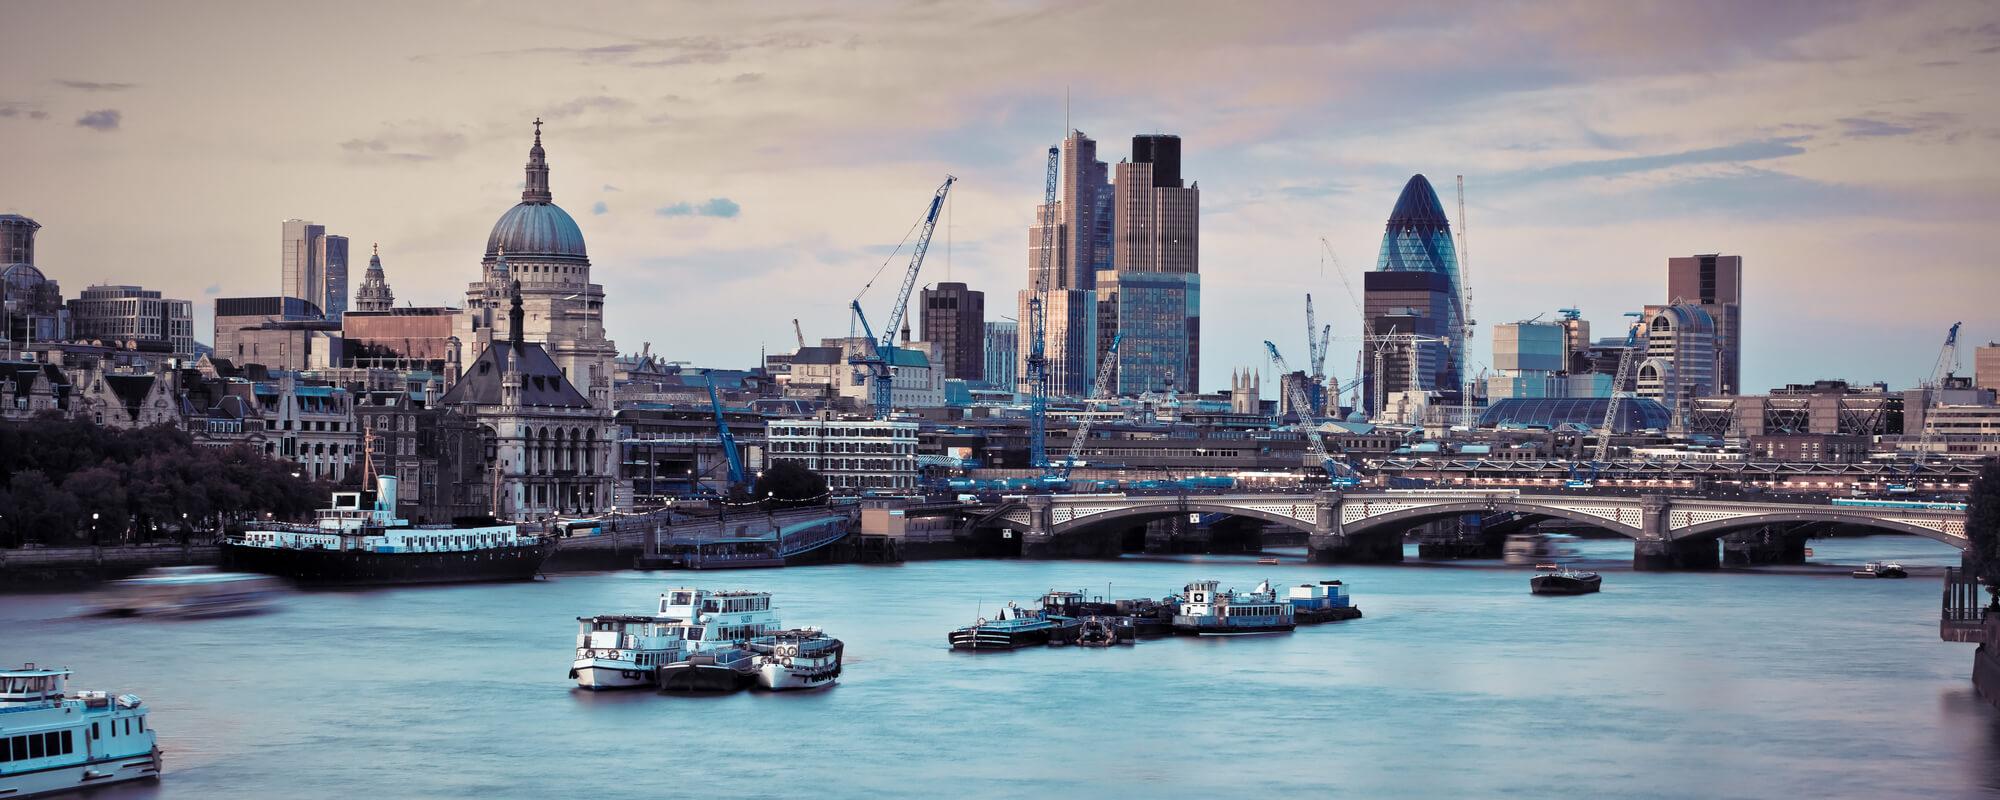 London Skyline Dusk